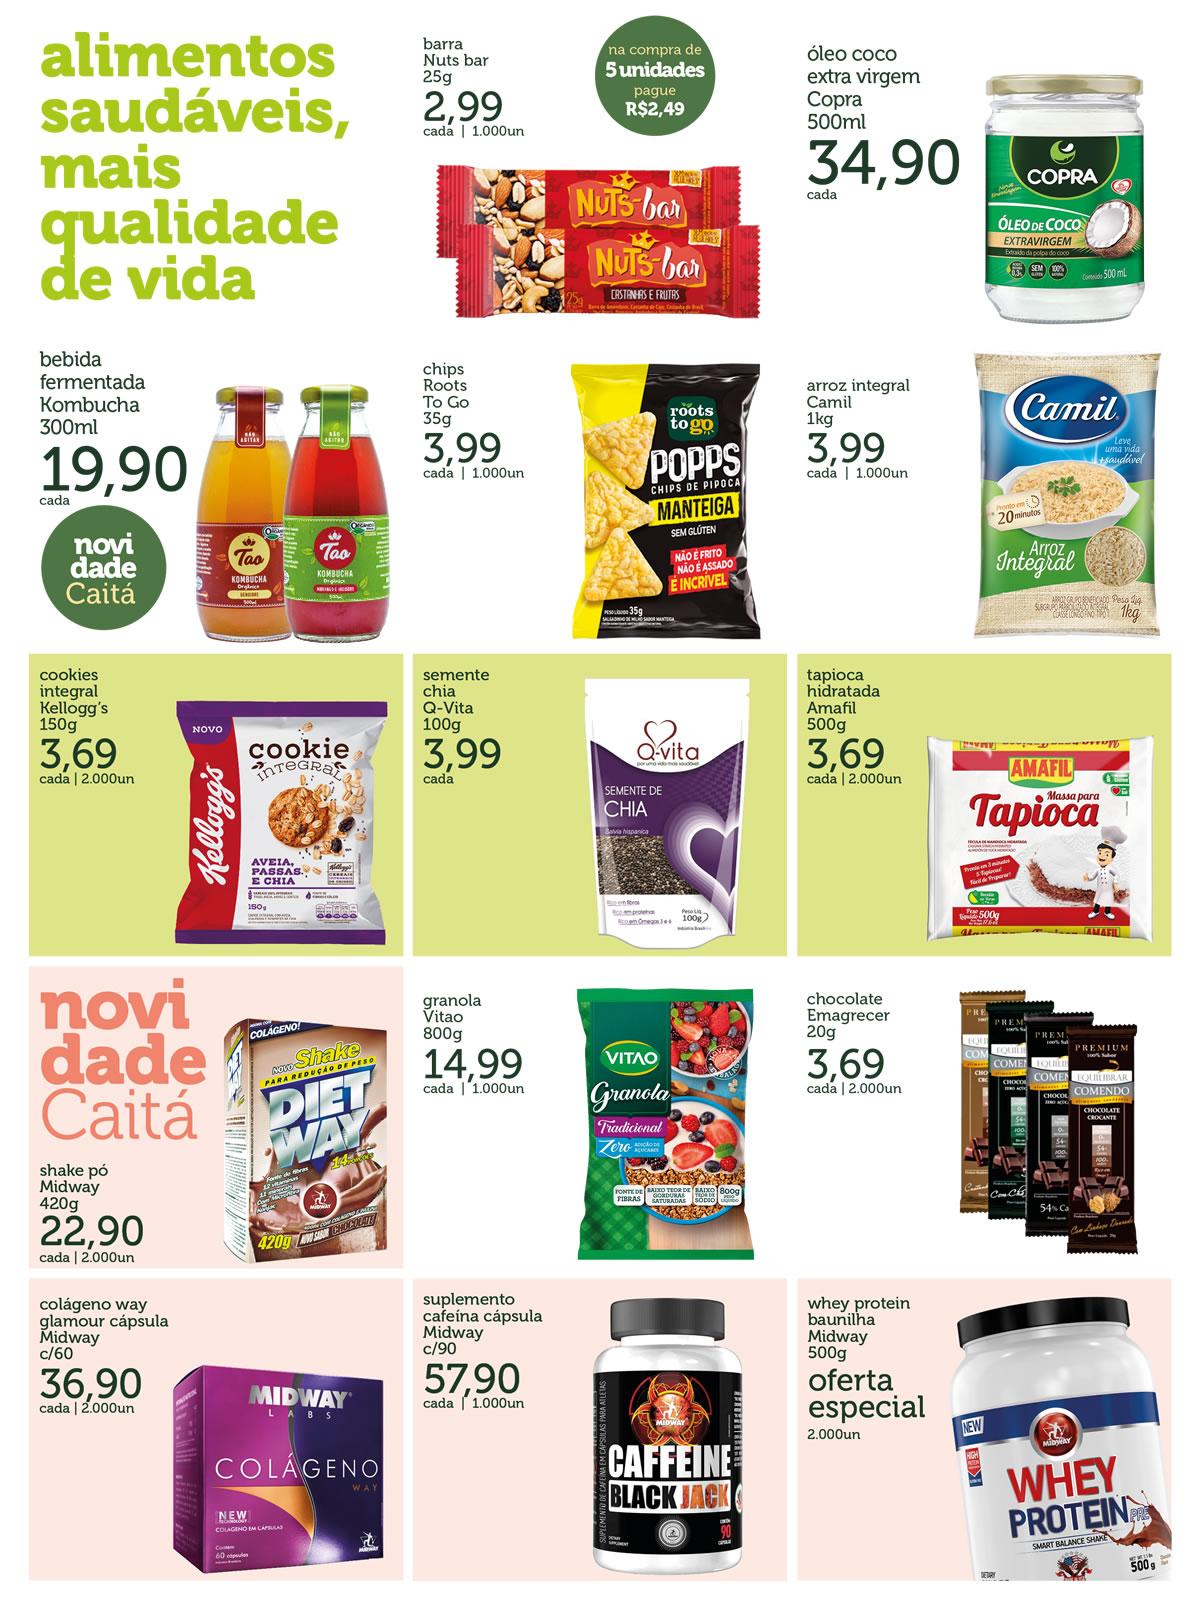 caita_supermercados_tabloide_junho2018_joacaba12